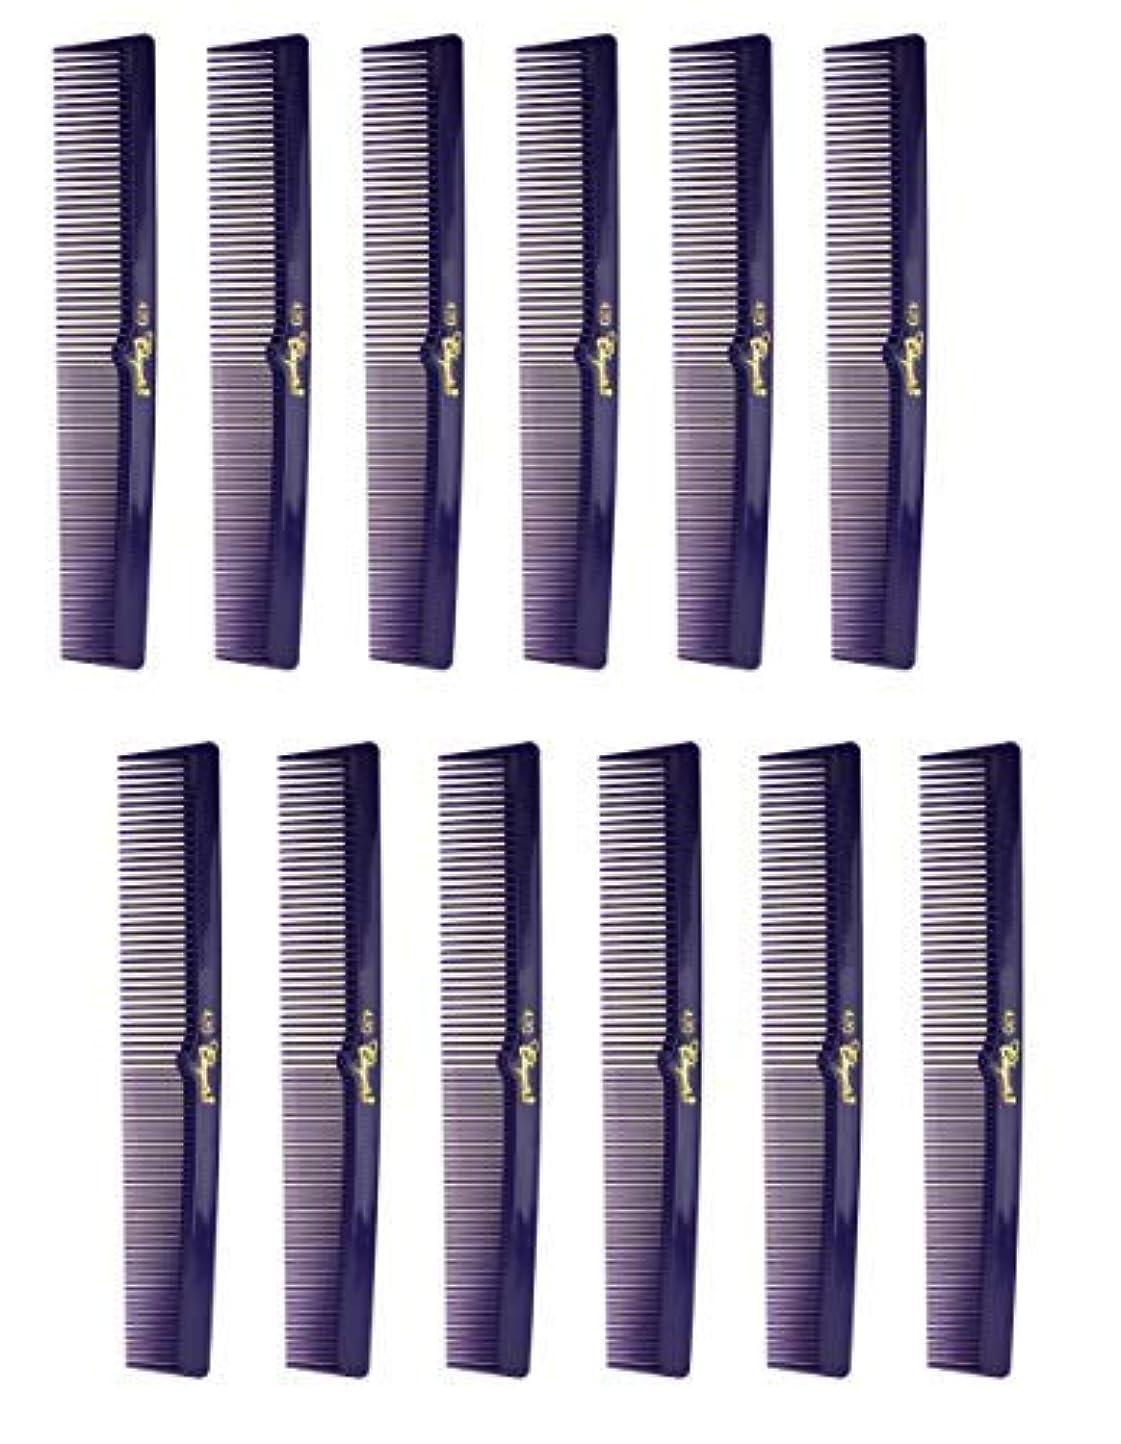 請願者落ちたトレーダー7 Inch Hair Cutting Combs. Barber's & Hairstylist Combs. Purple 1 DZ. [並行輸入品]